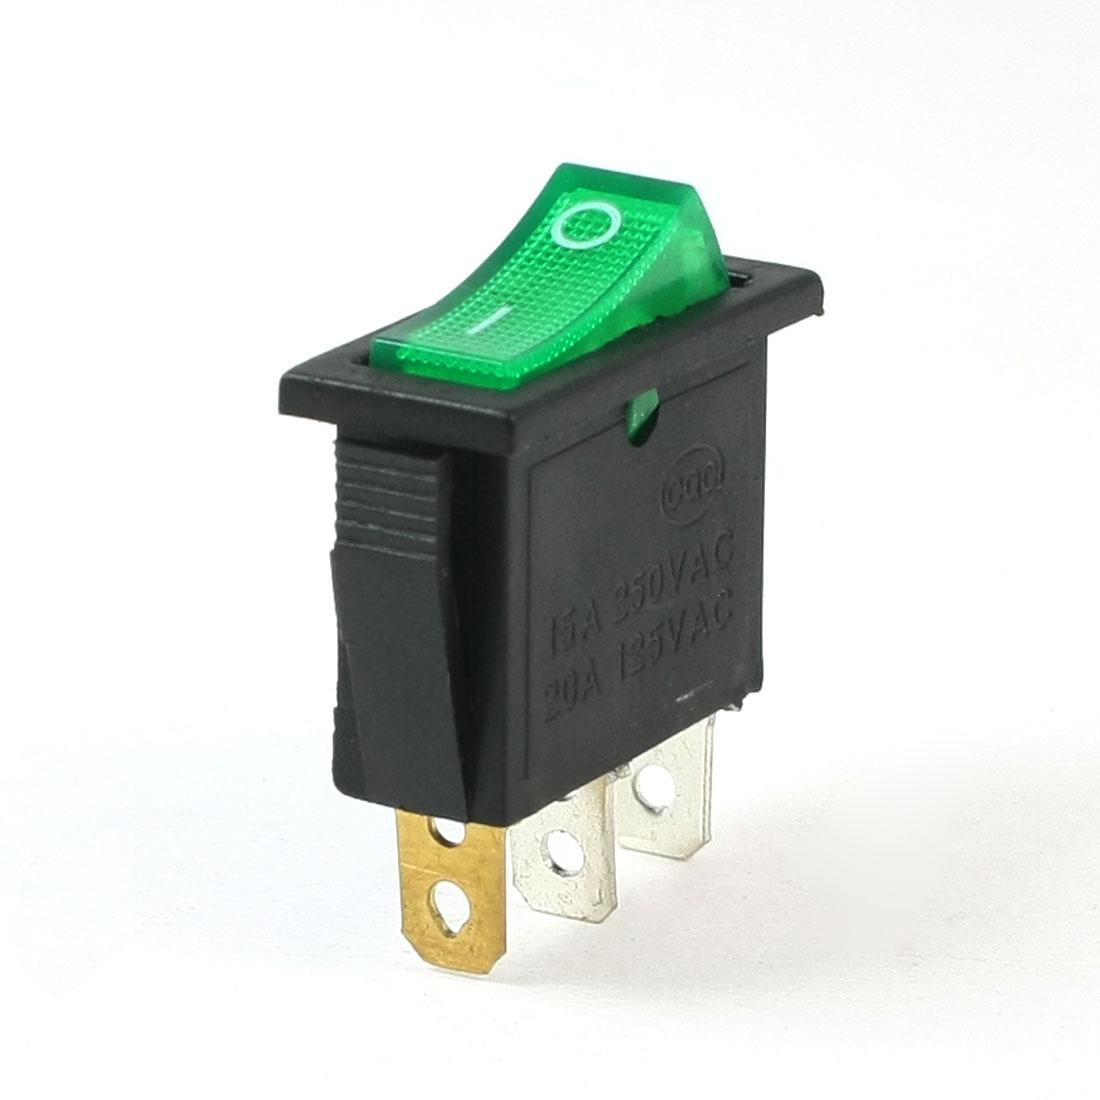 AC 250V/16A 125V/20A 3 Pins SPST I/O Green Light Snap in Boat Rocker Switch